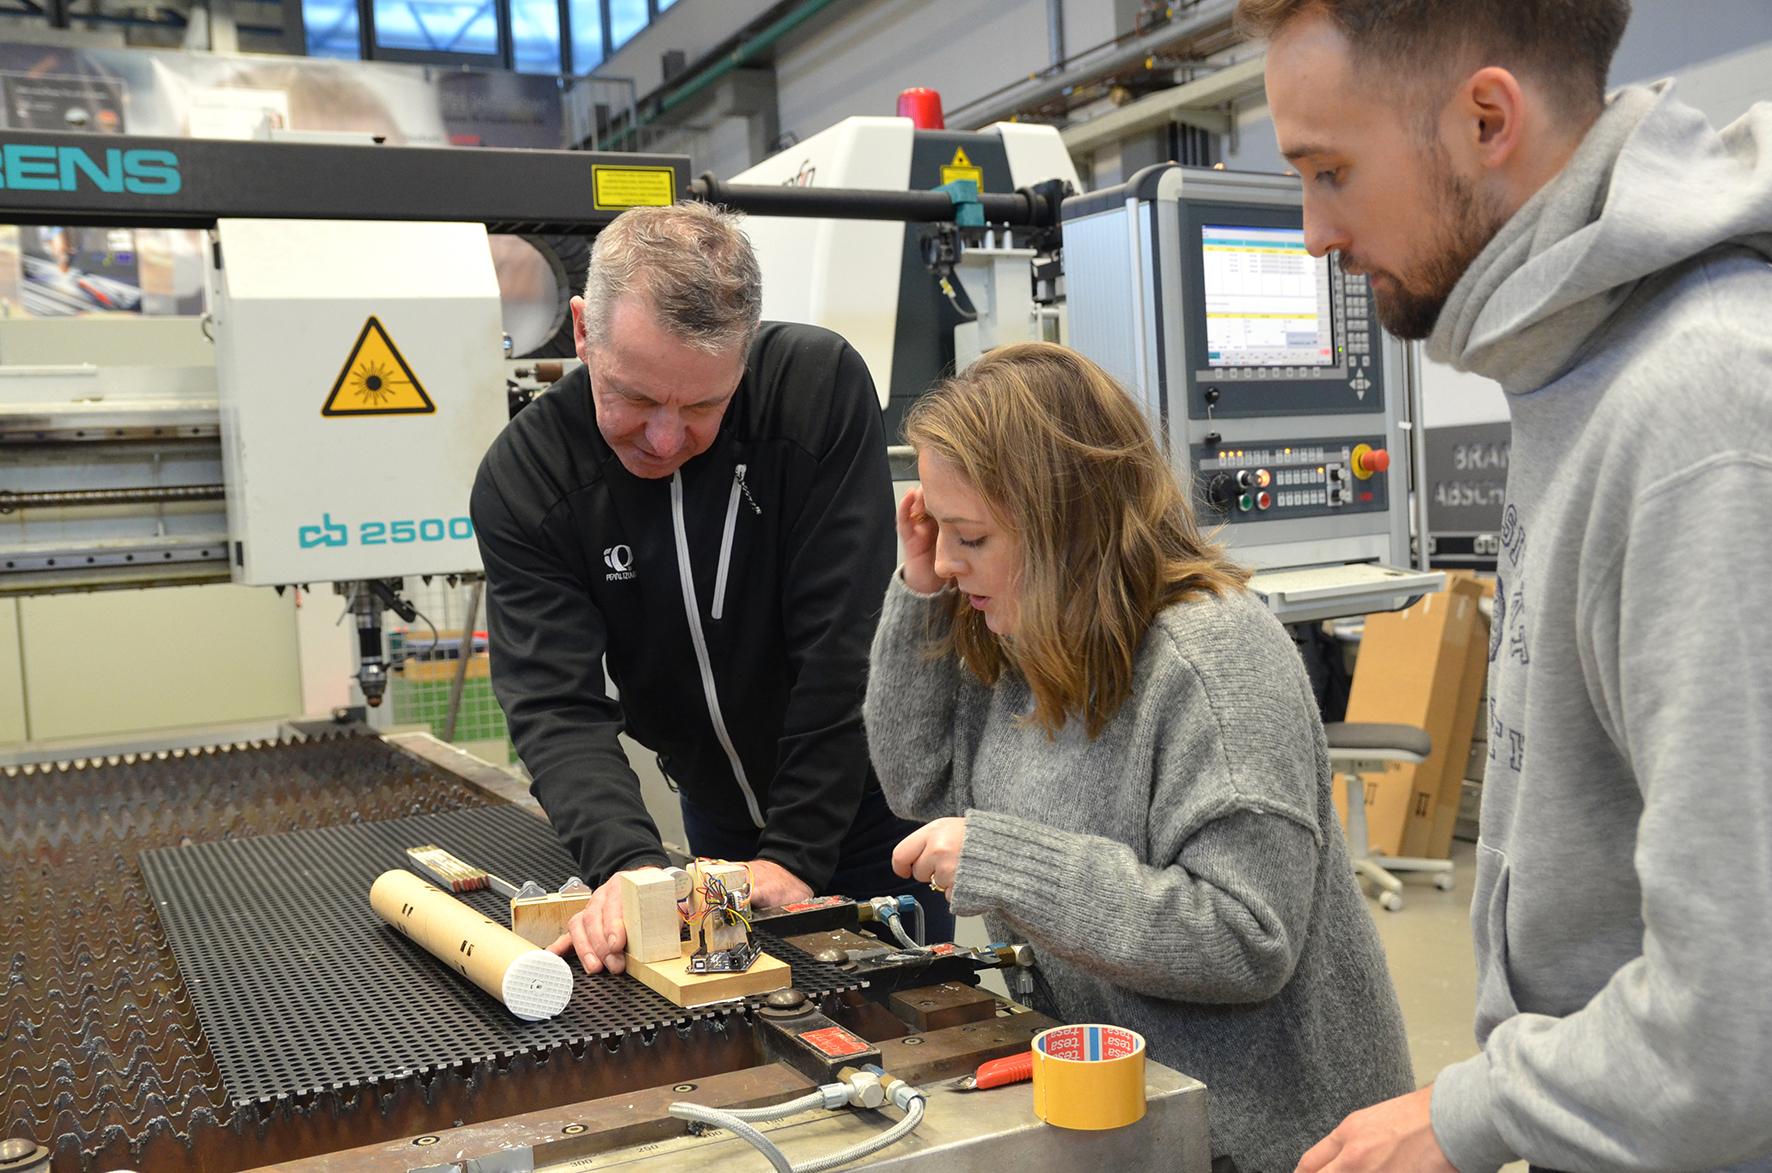 Jürgen Gröninger, Victoria Davalos und Frederik Kopatz platzieren den selbst gebauten Mikroprozessor an der Anlage für den Laser.